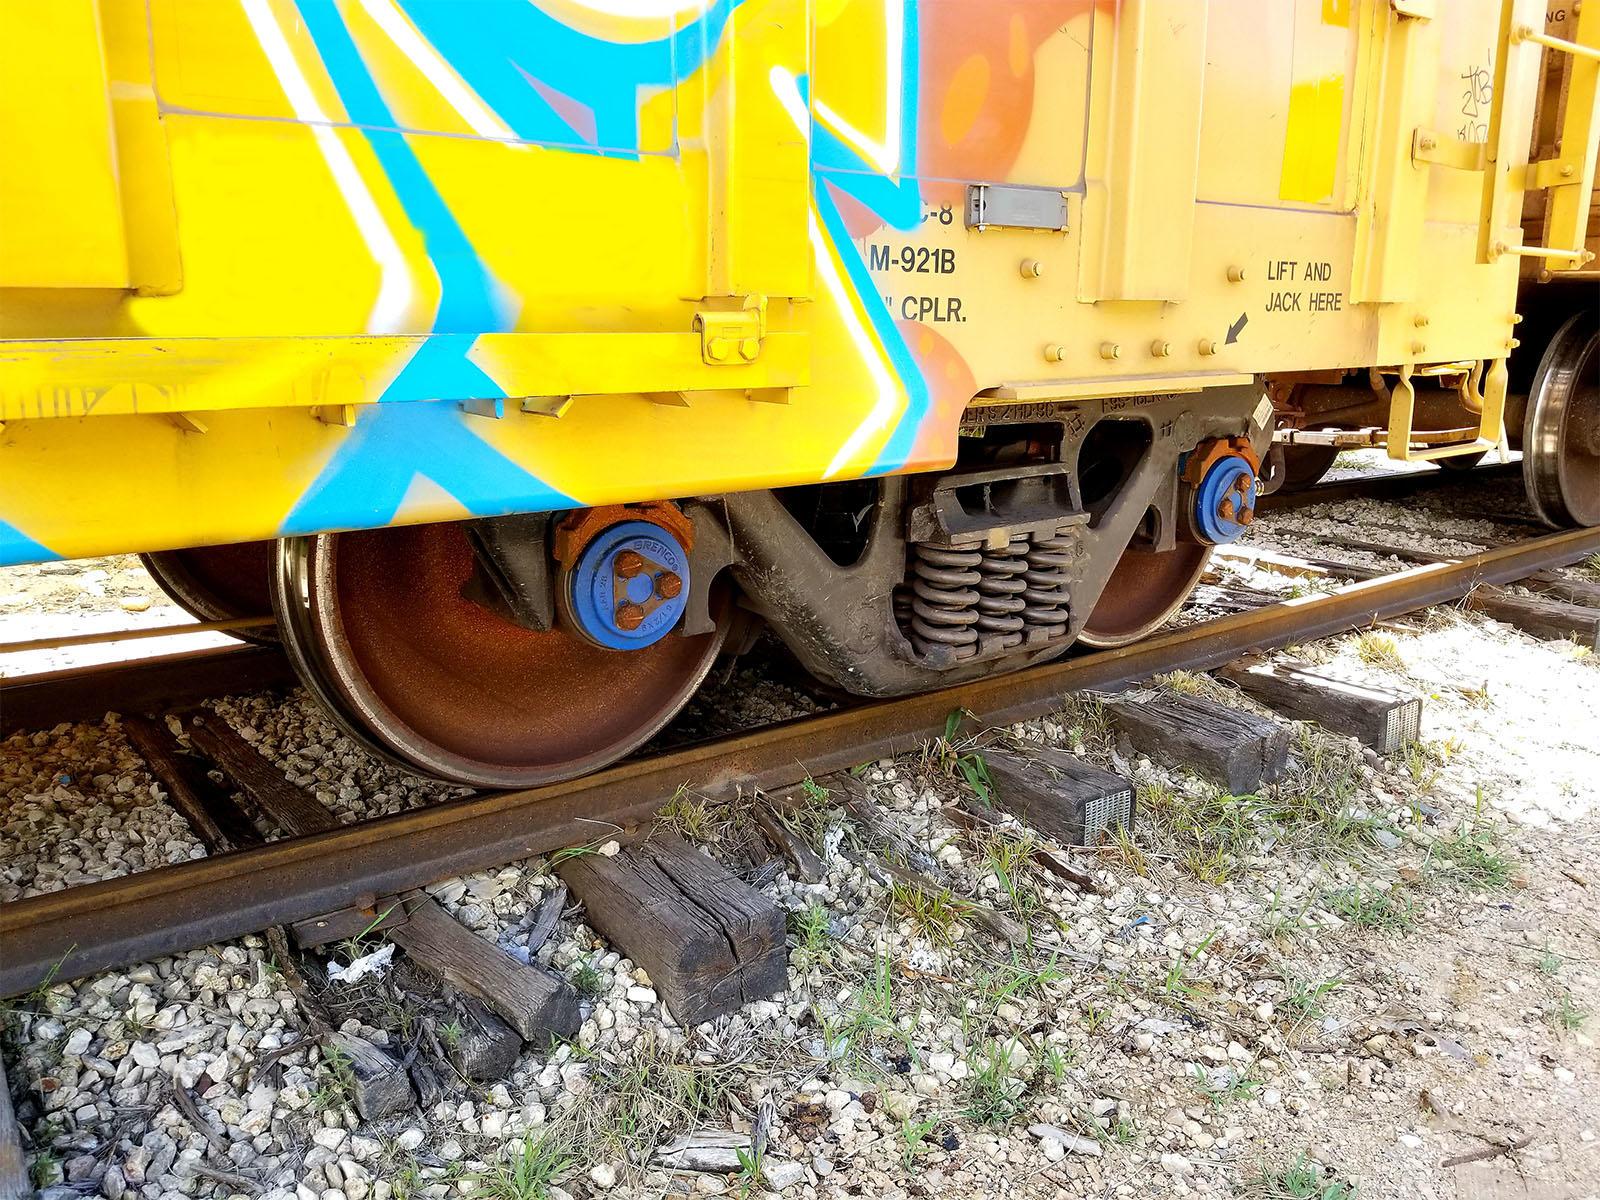 Strozier Railcar Services image 5